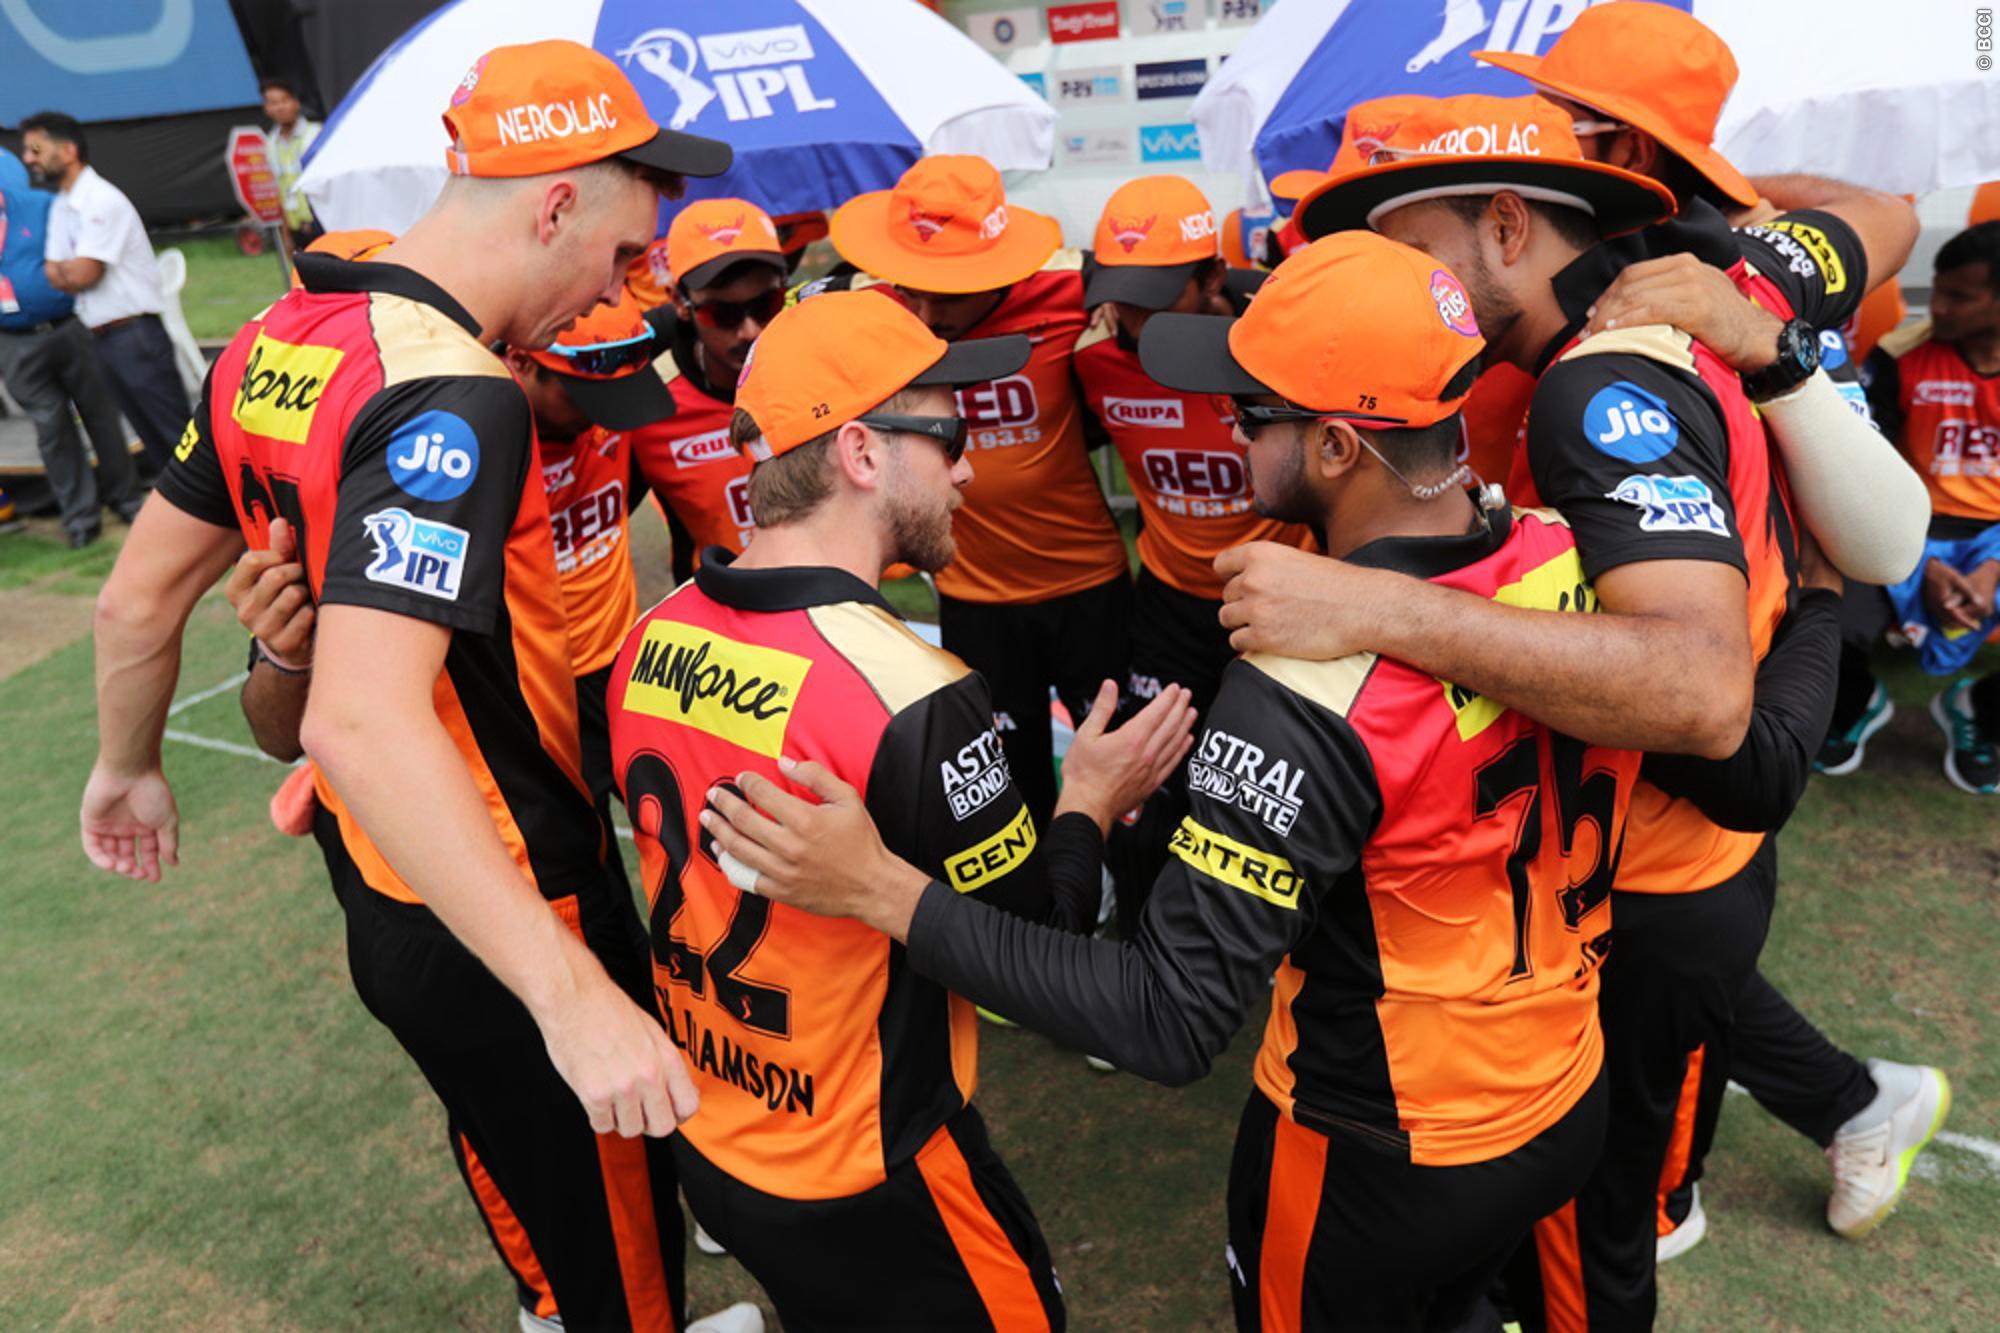 IPL 2018- ये हैं वो पांच कारण जिससे सनराईजर्स हैदराबाद की टीम चेन्नई सुपर किंग्स को दे सकती है मात 42